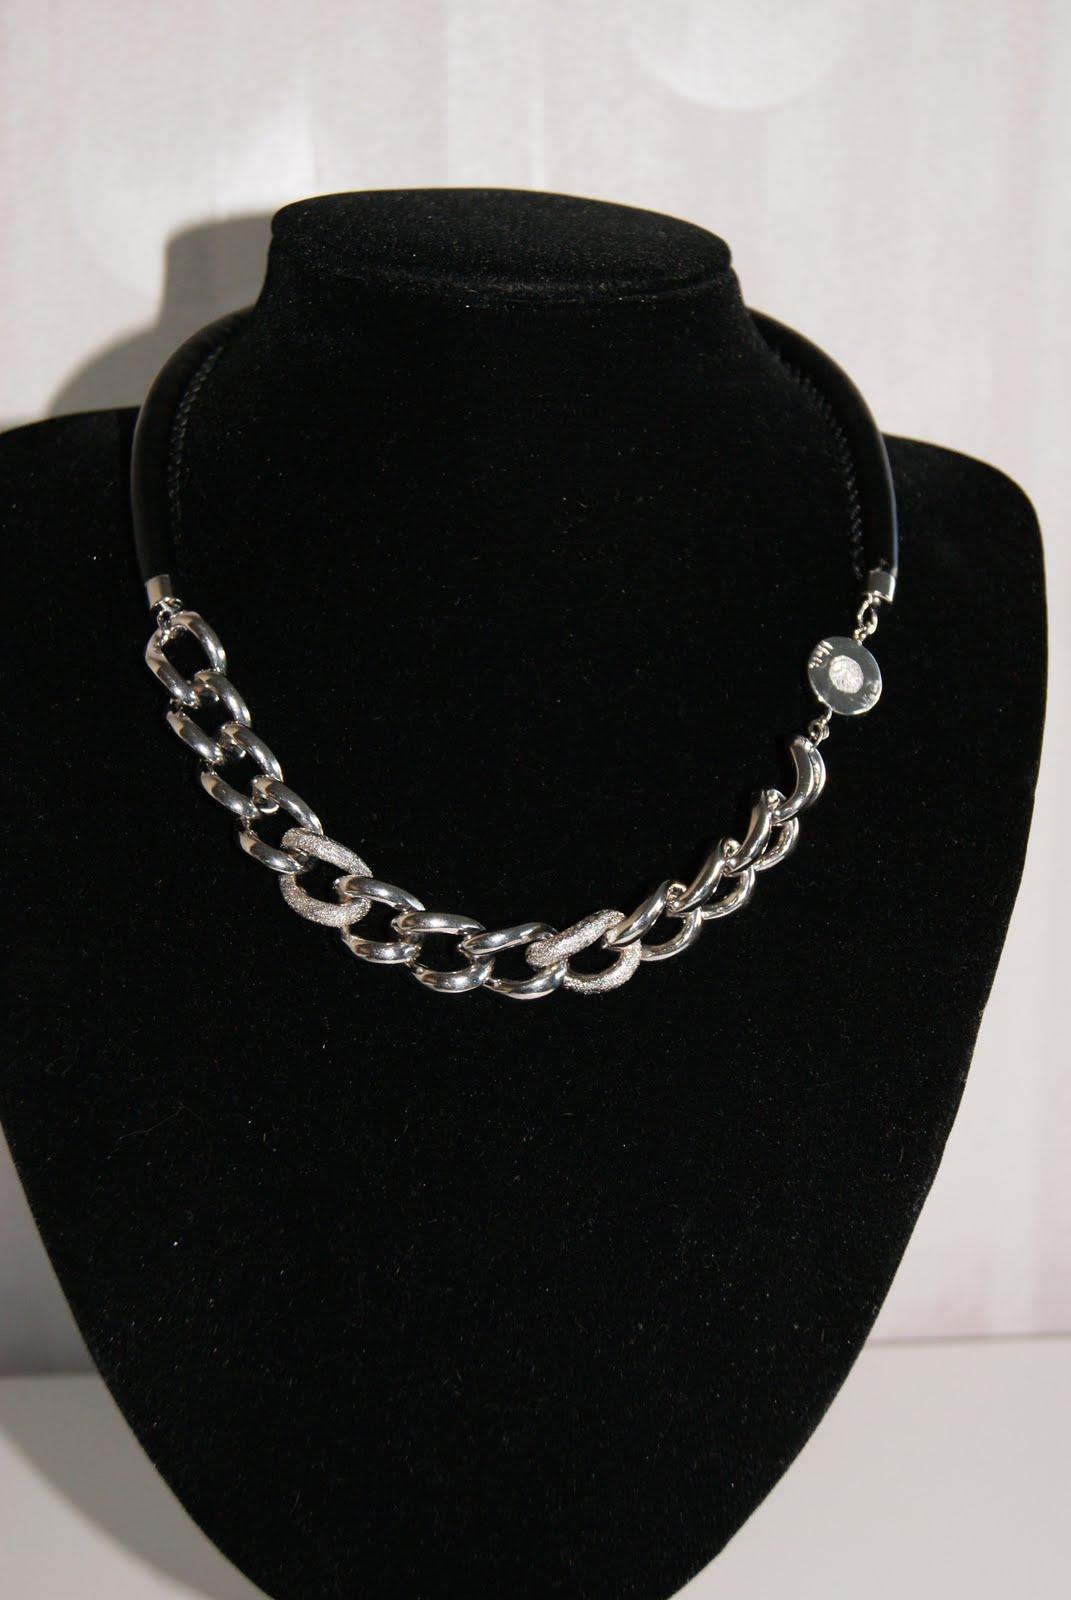 Till sist skall jag visa några av de nya Miss Dee smycken som kommit till  Webbshopen. Ännu har de inte hunnit bli insatta på Cadora. Men inom 8cb94756522c8